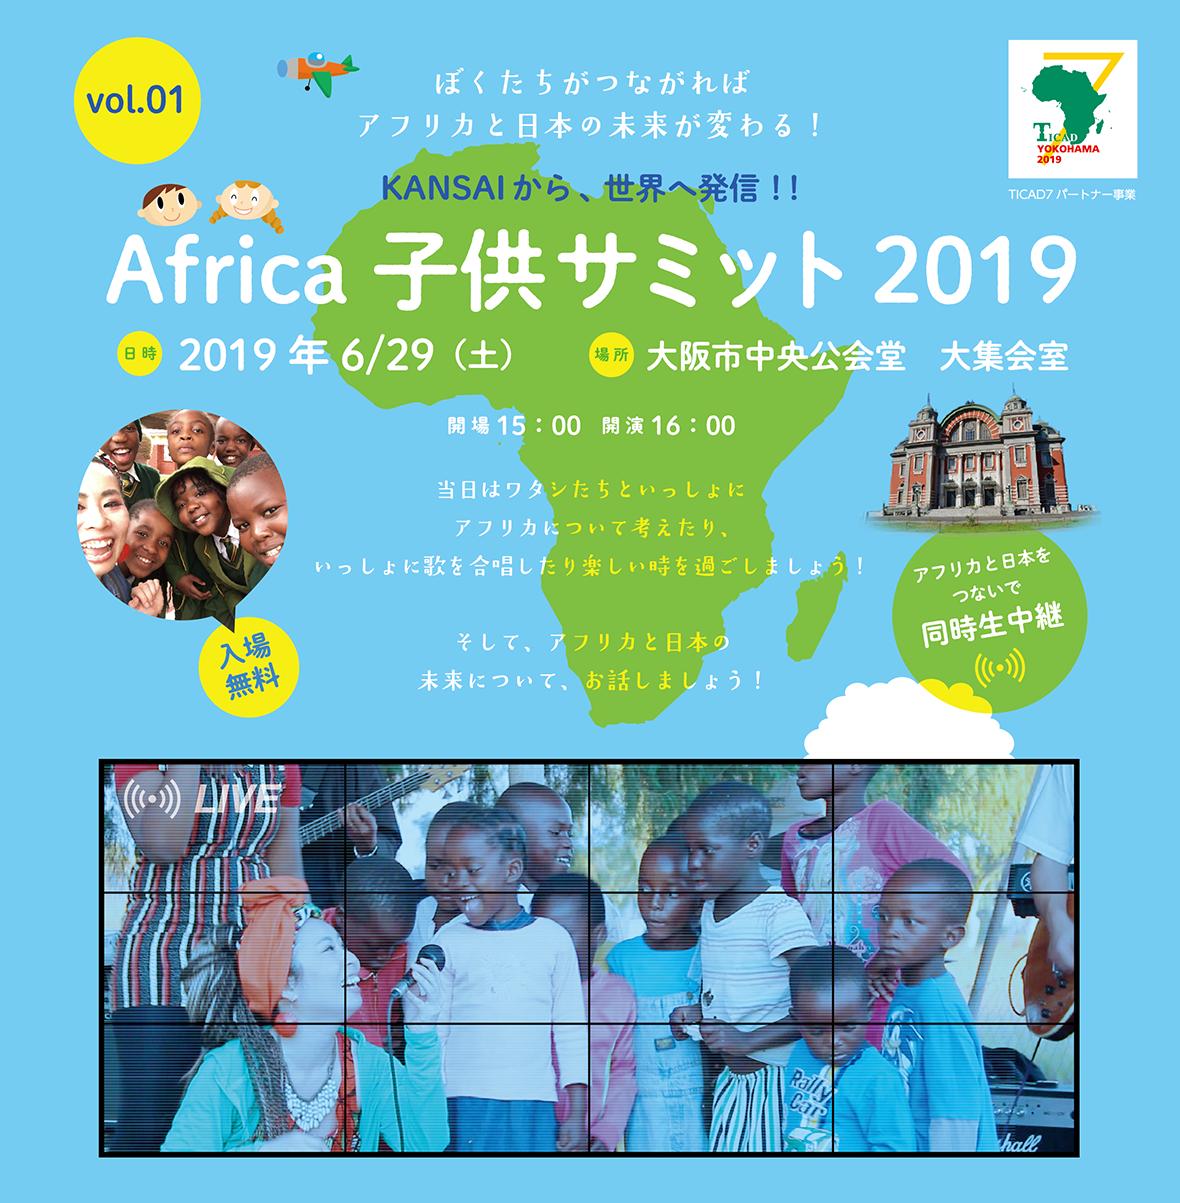 Africa 子どもサミット 2019